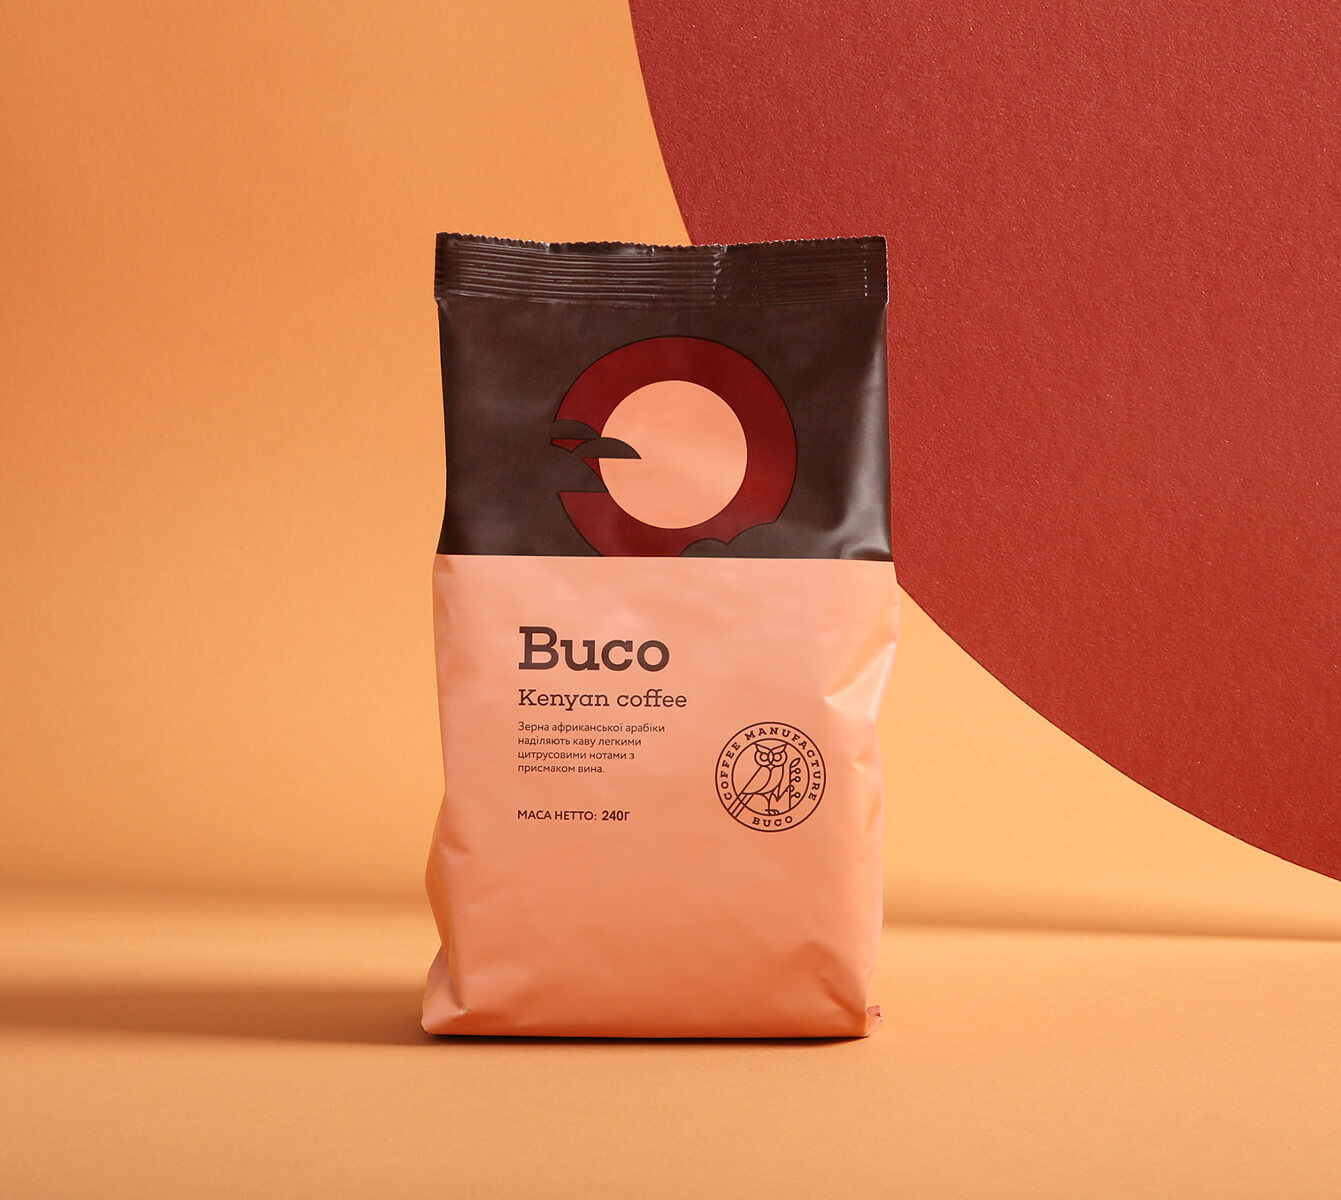 Bilde av et produkt i fine Oransje farger.